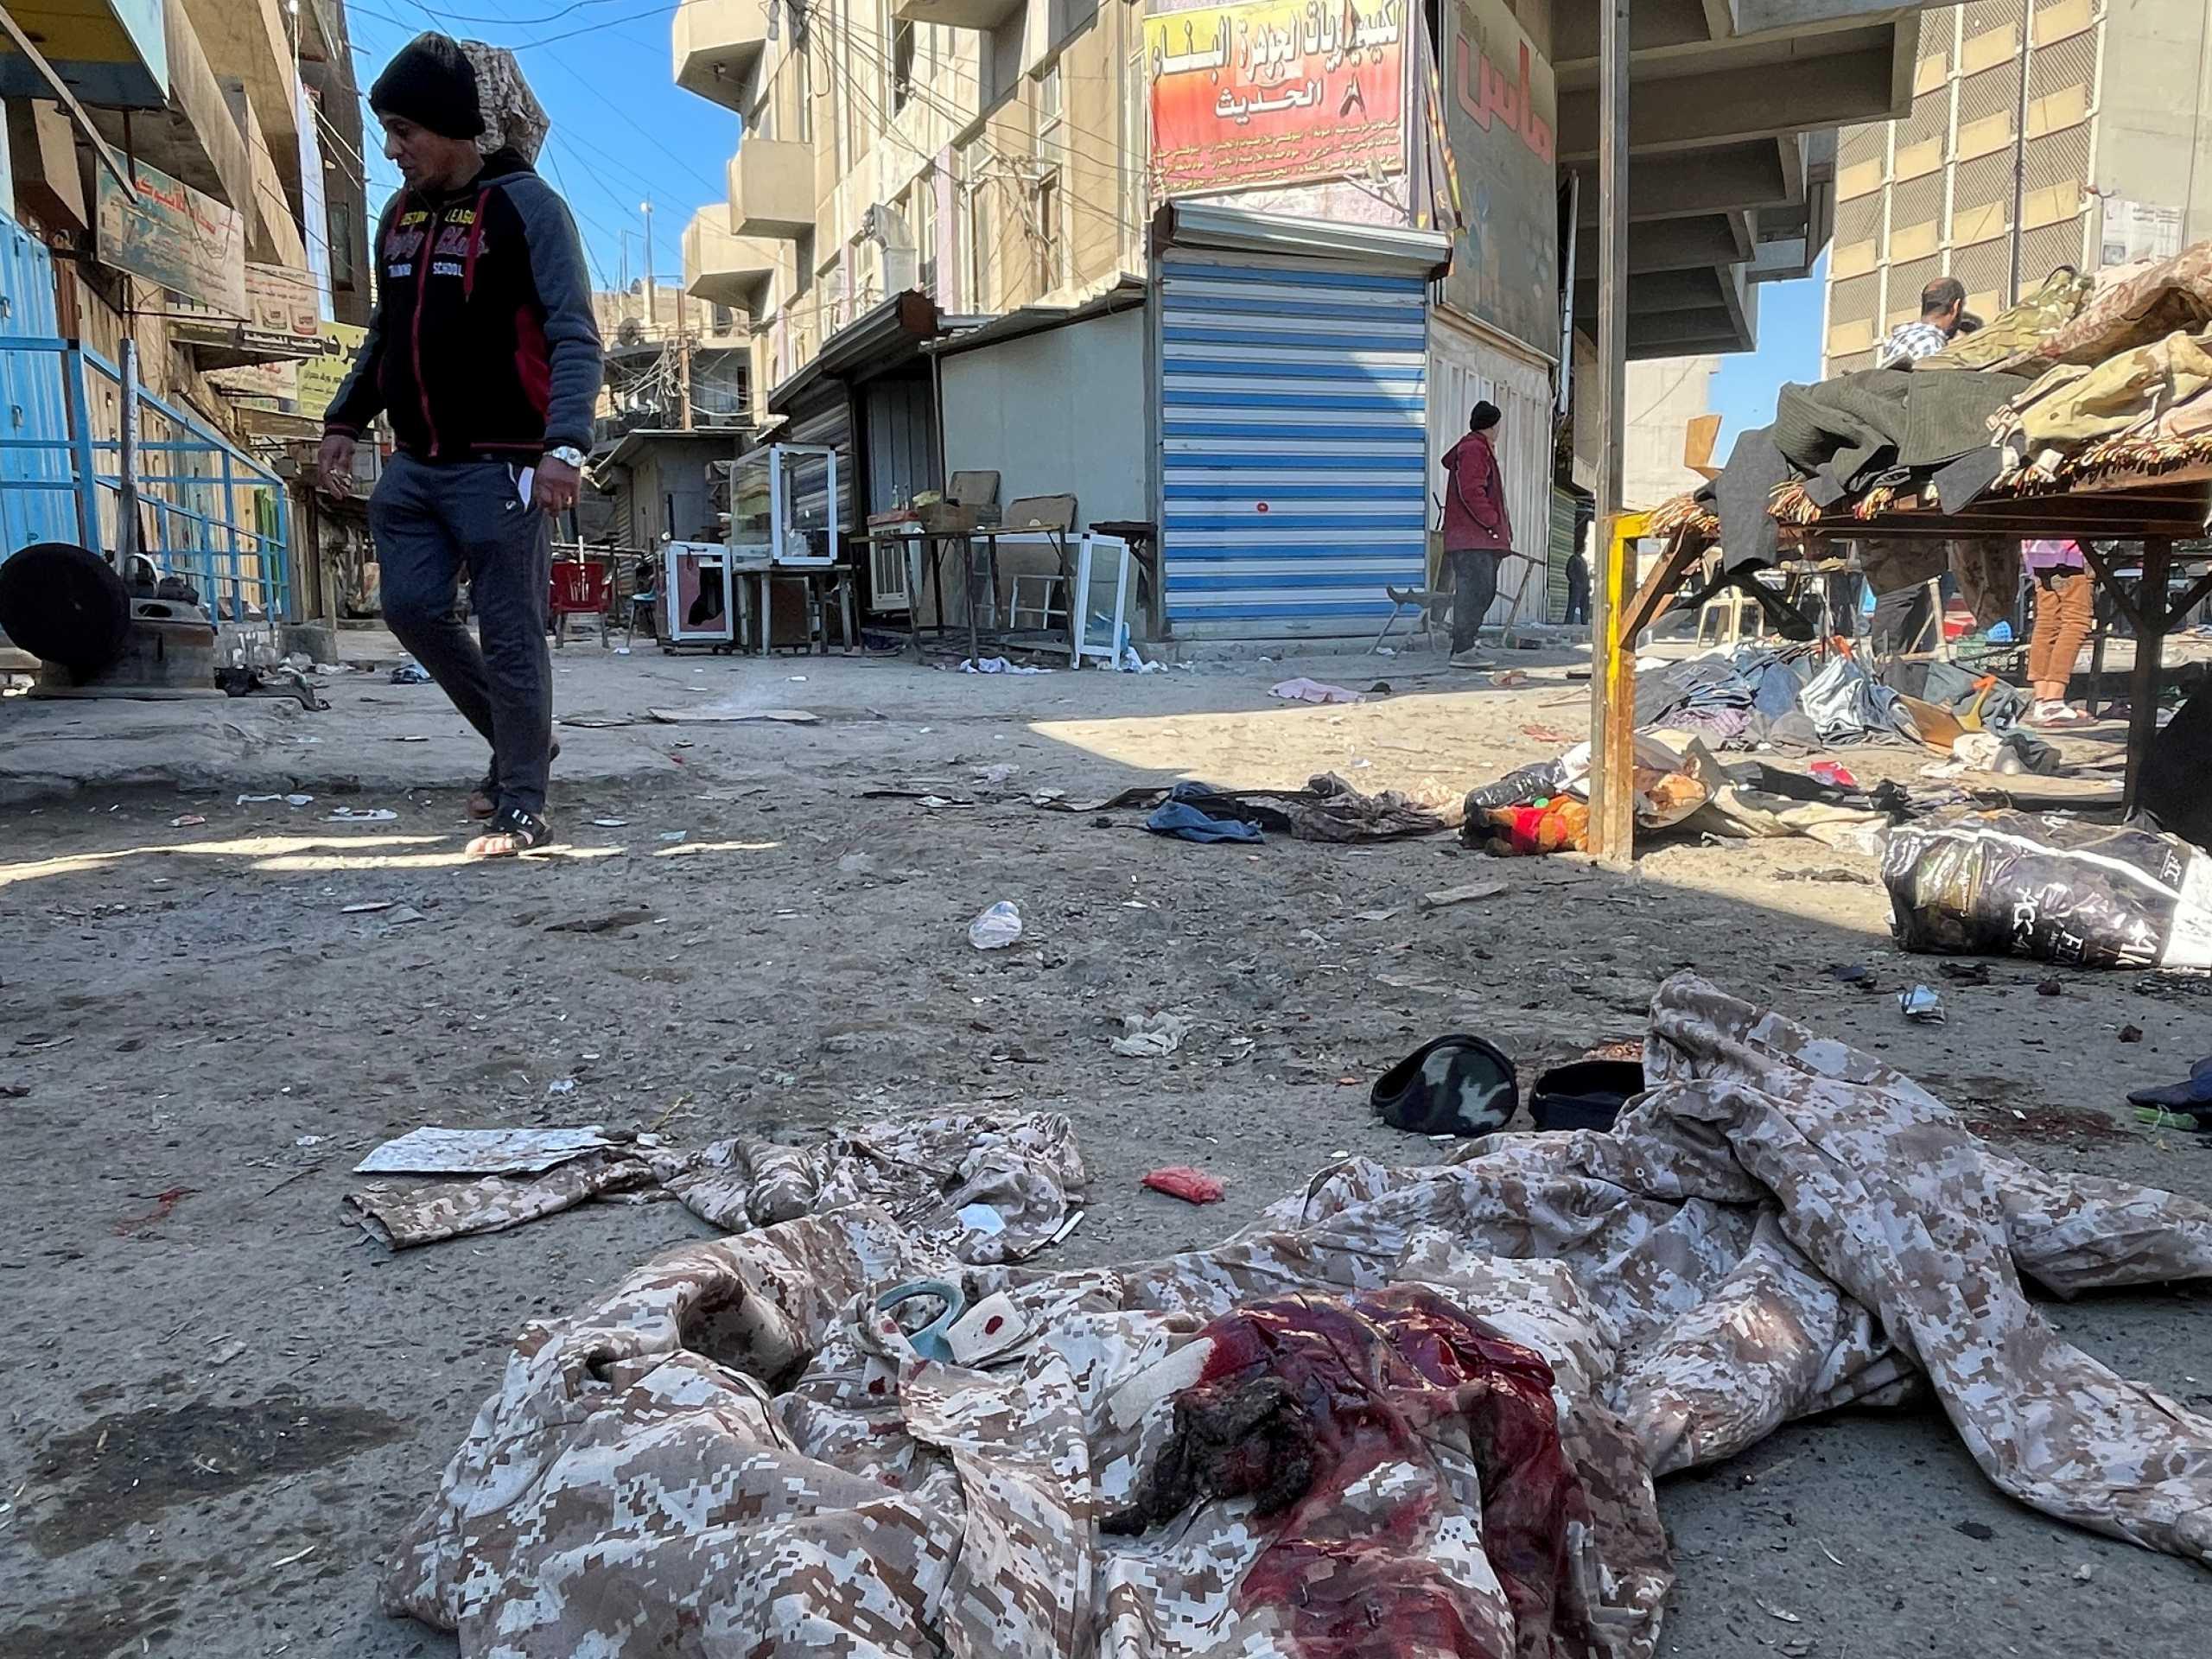 Βαγδάτη: Πολύνεκρη επίθεση αυτοκτονίας ύστερα από 18 μήνες